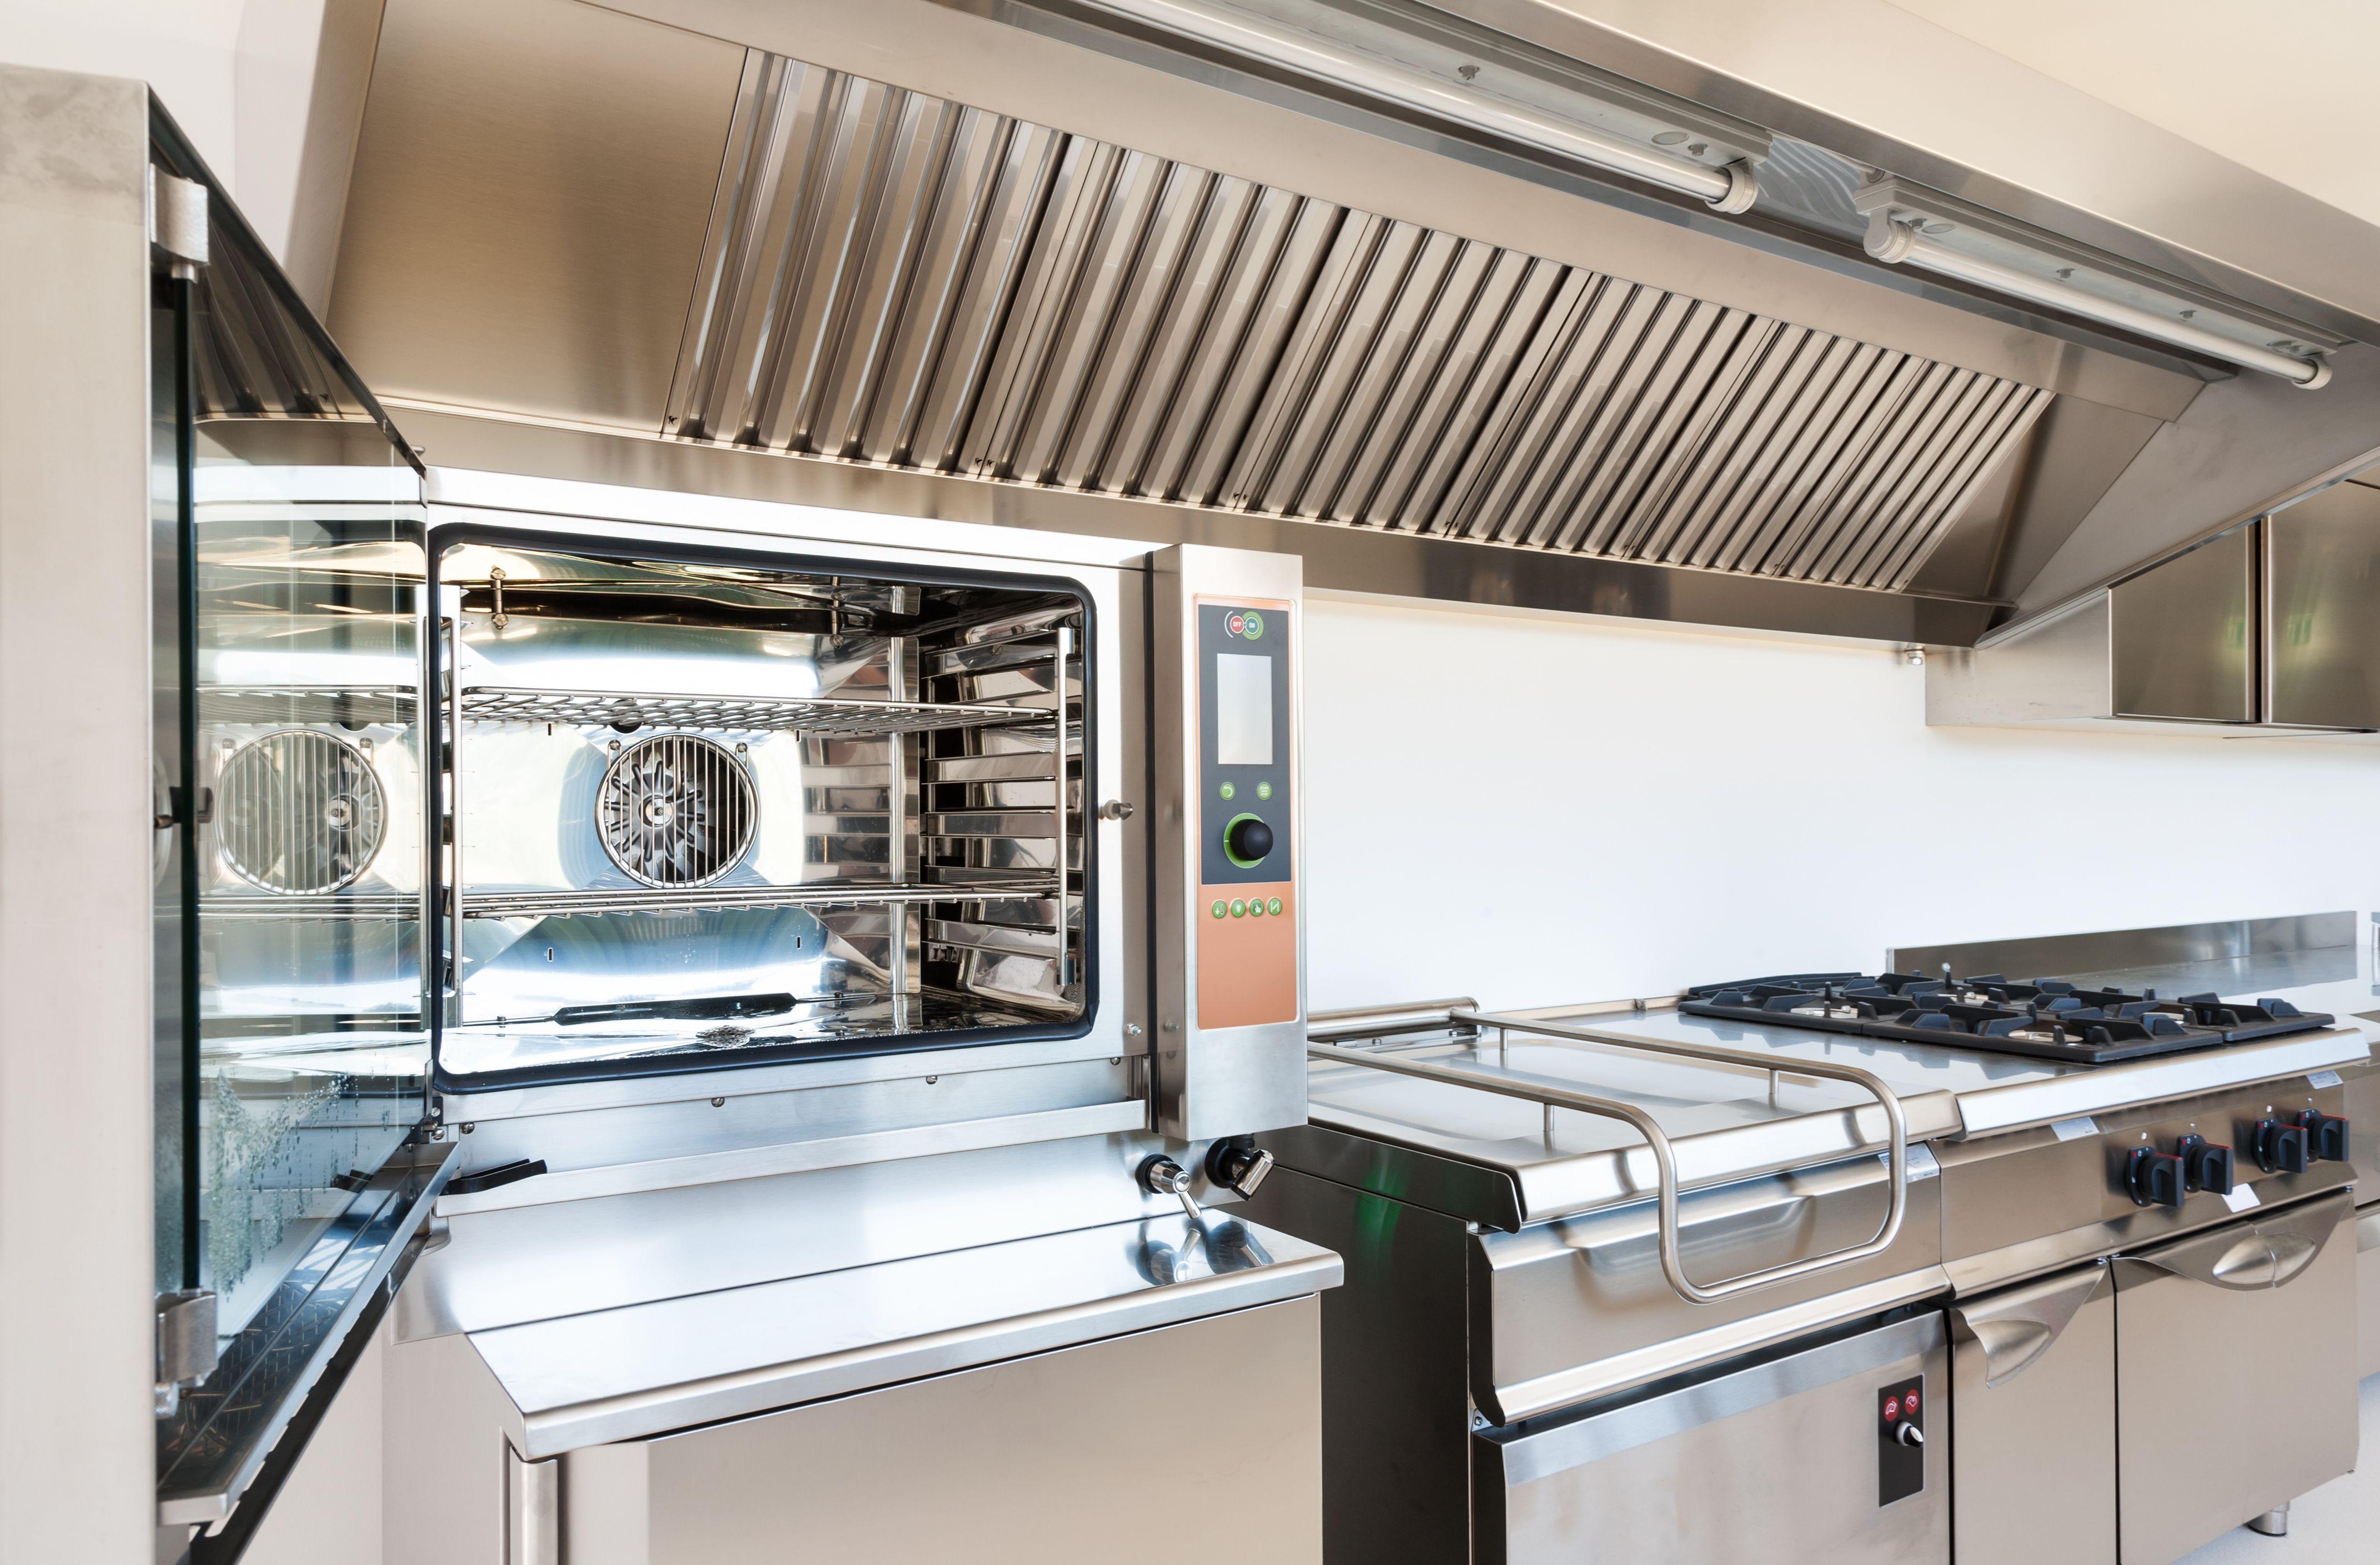 Hornos y otros electrodomésticos para restaurantes